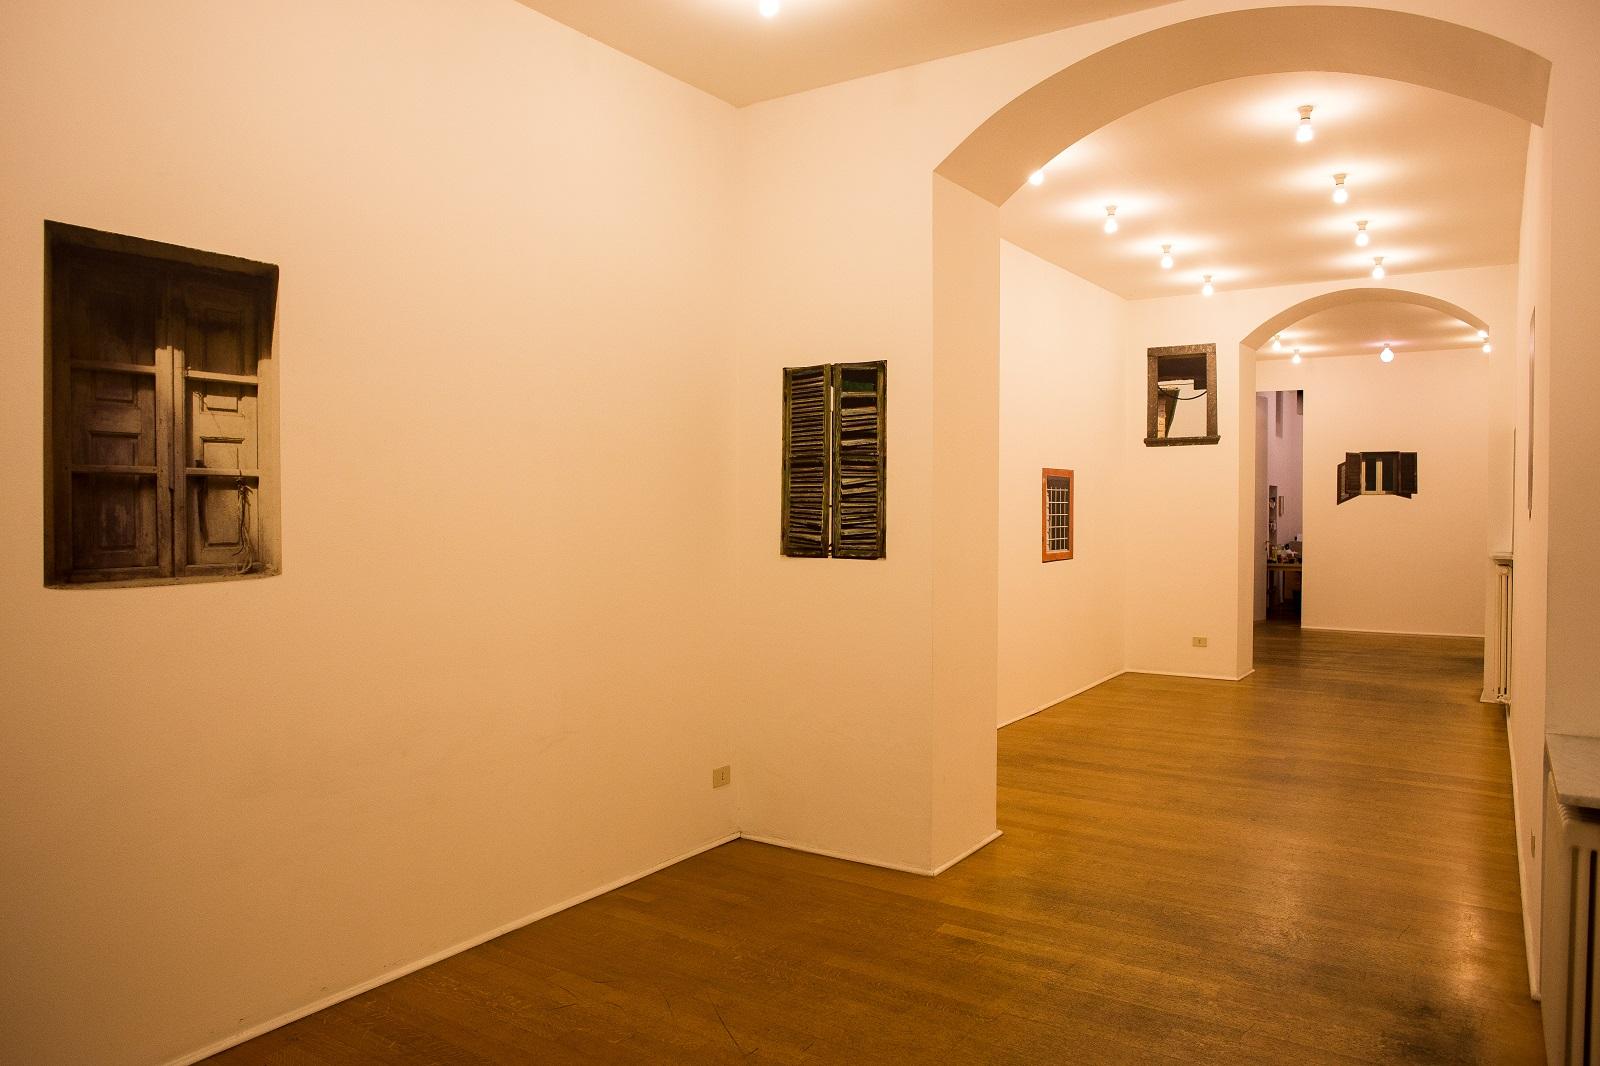 sbagliato-at-galleria-toselli-recap-03